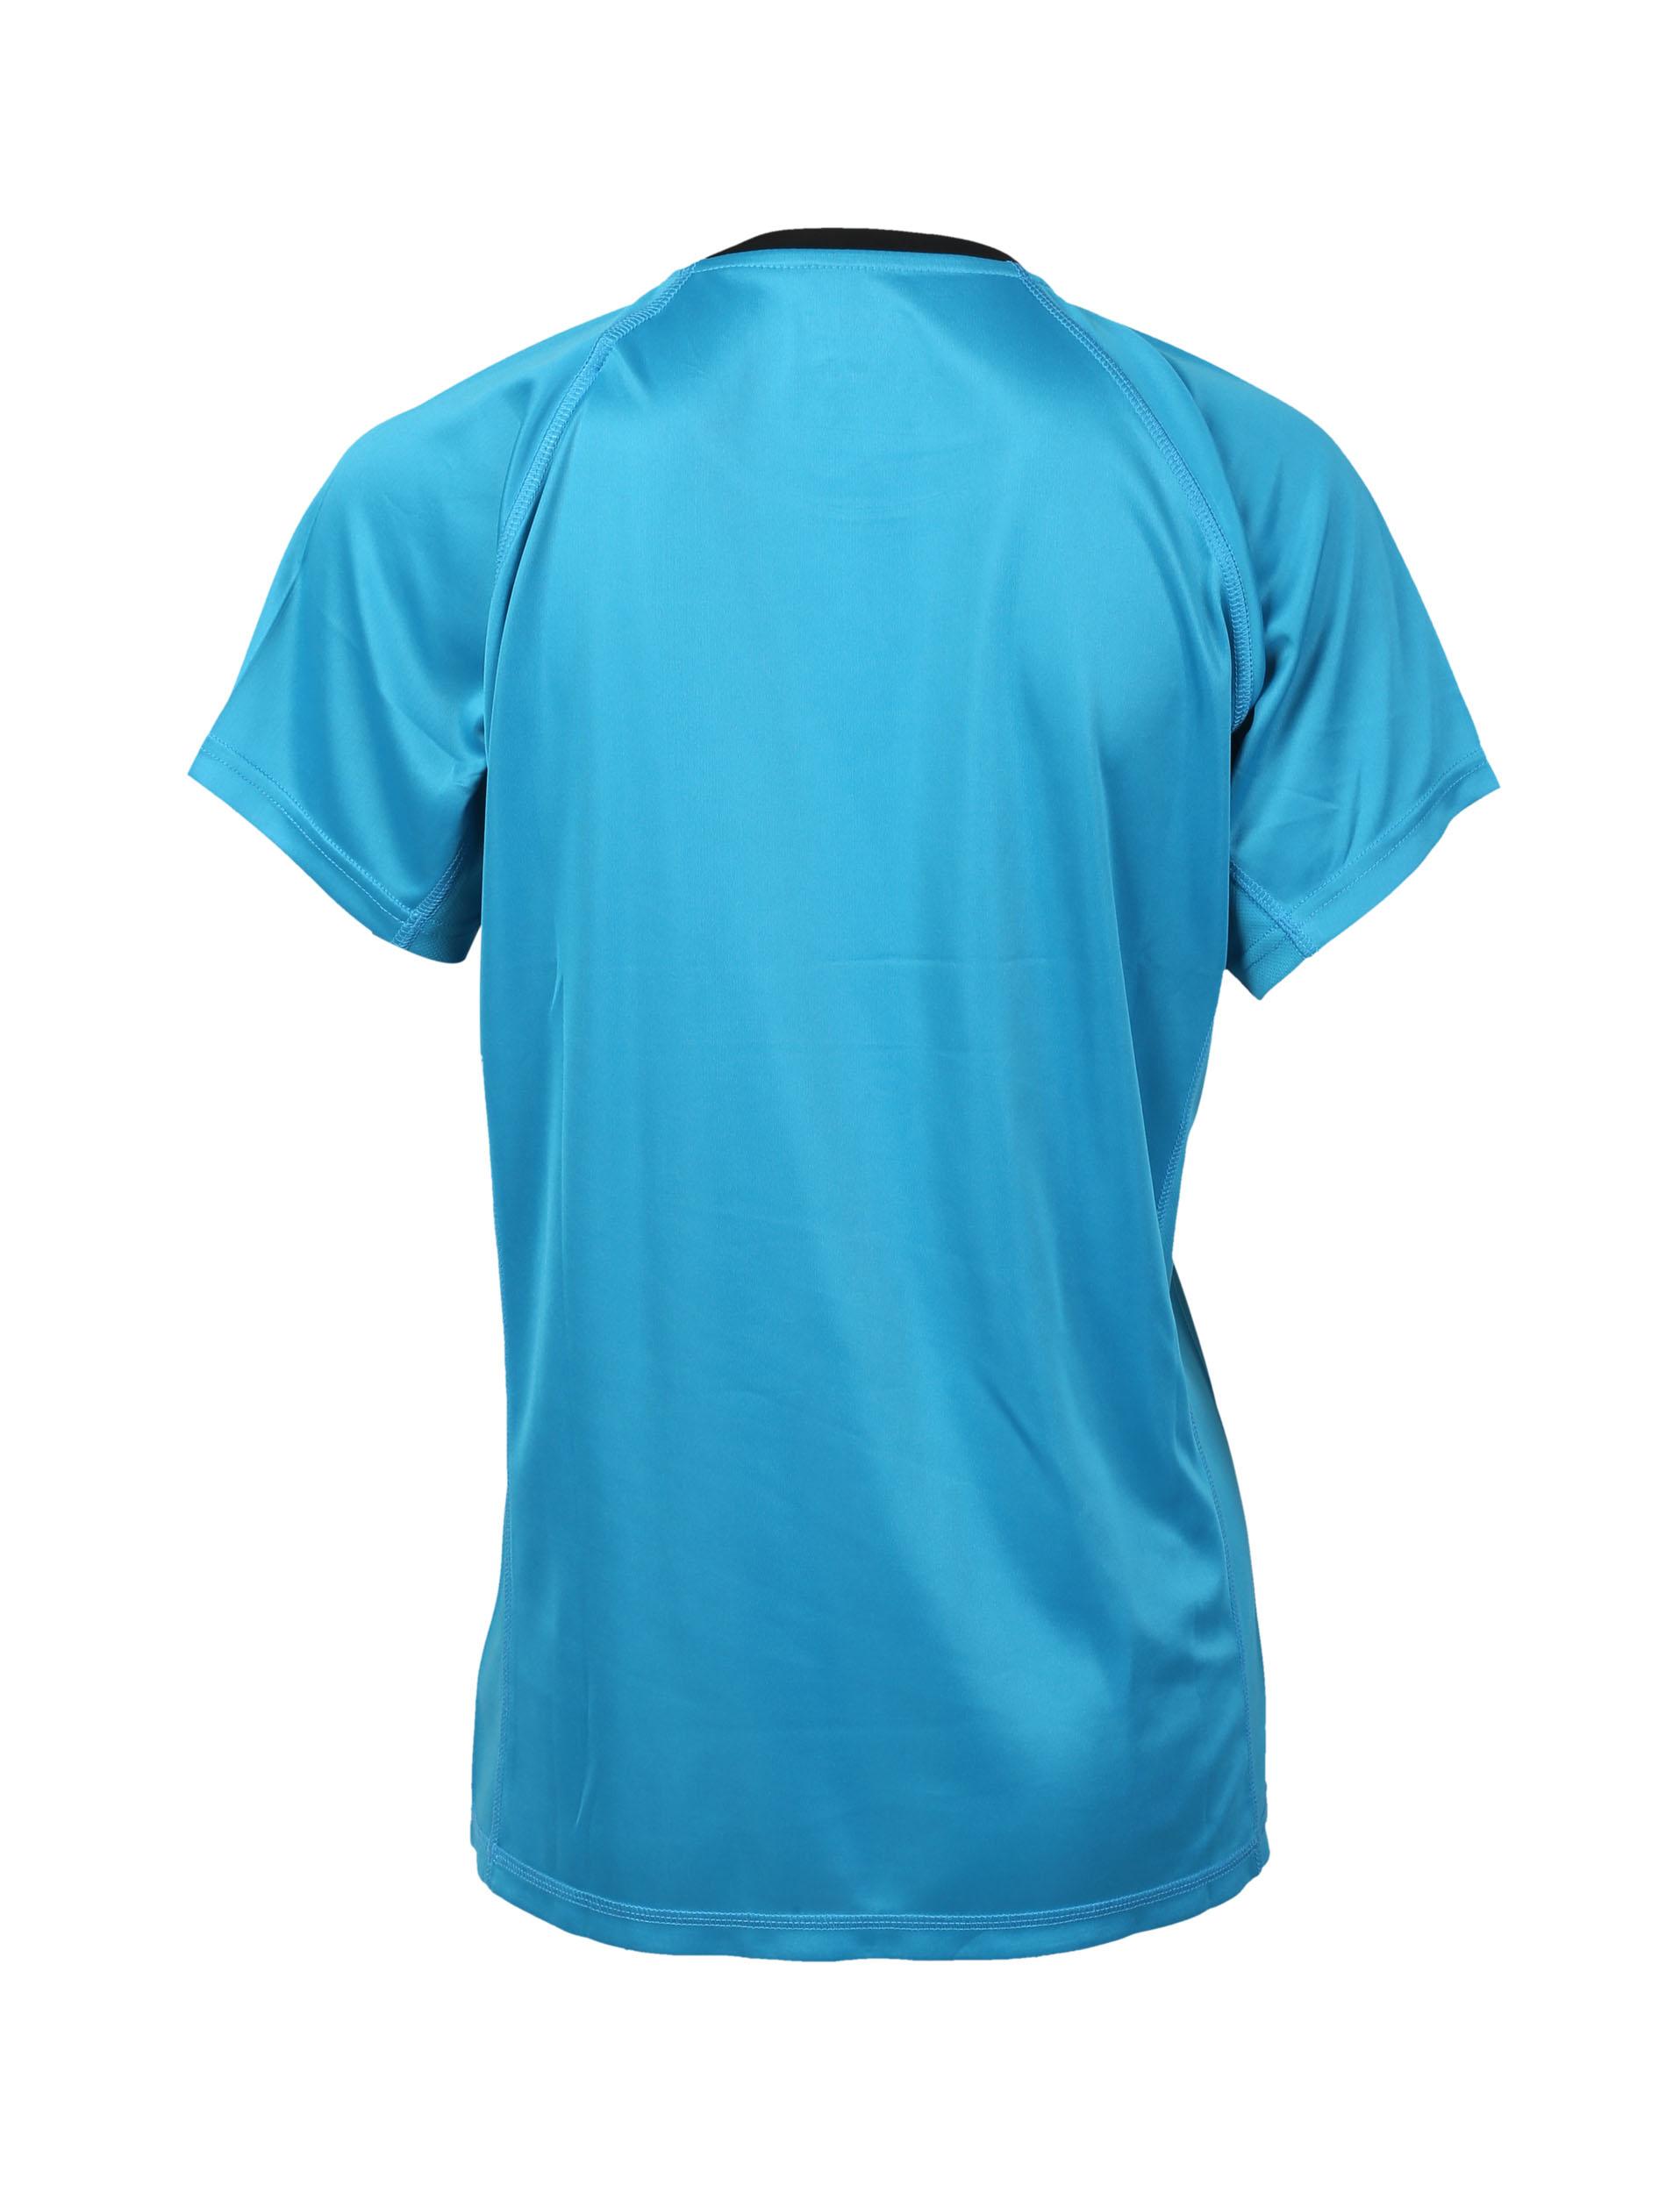 FZ Blingley t-shirt